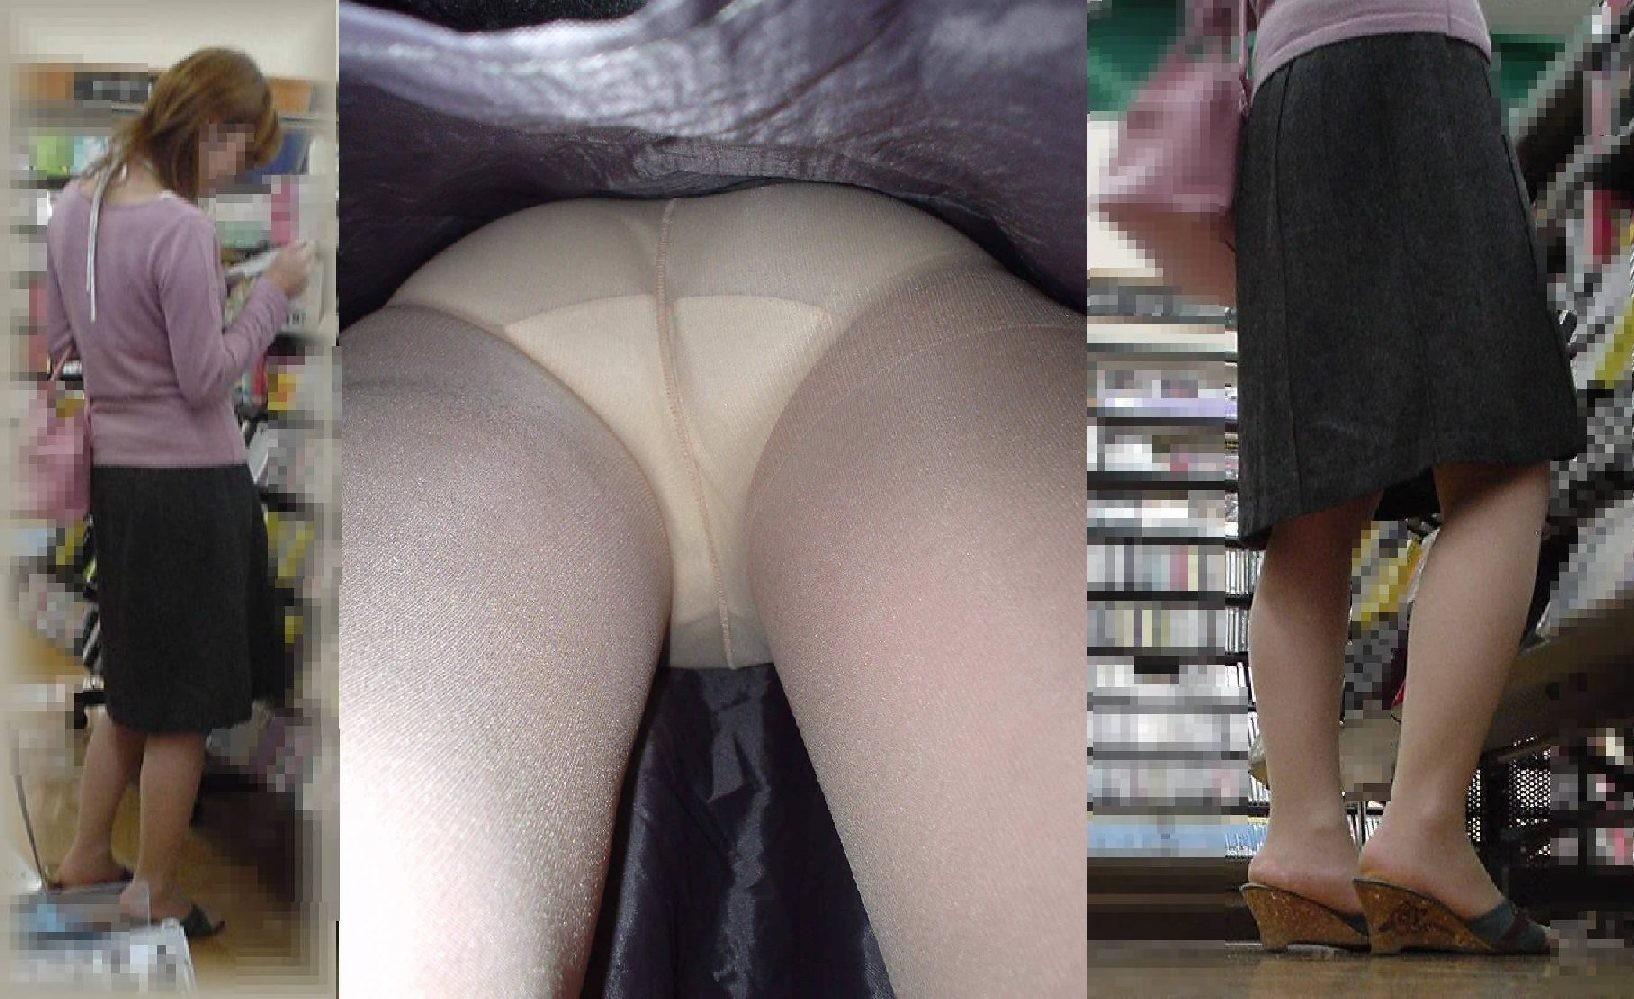 【パンチラエロ画像】今はきっとムレムレであろうパンツを逆さ撮り!(;´Д`)